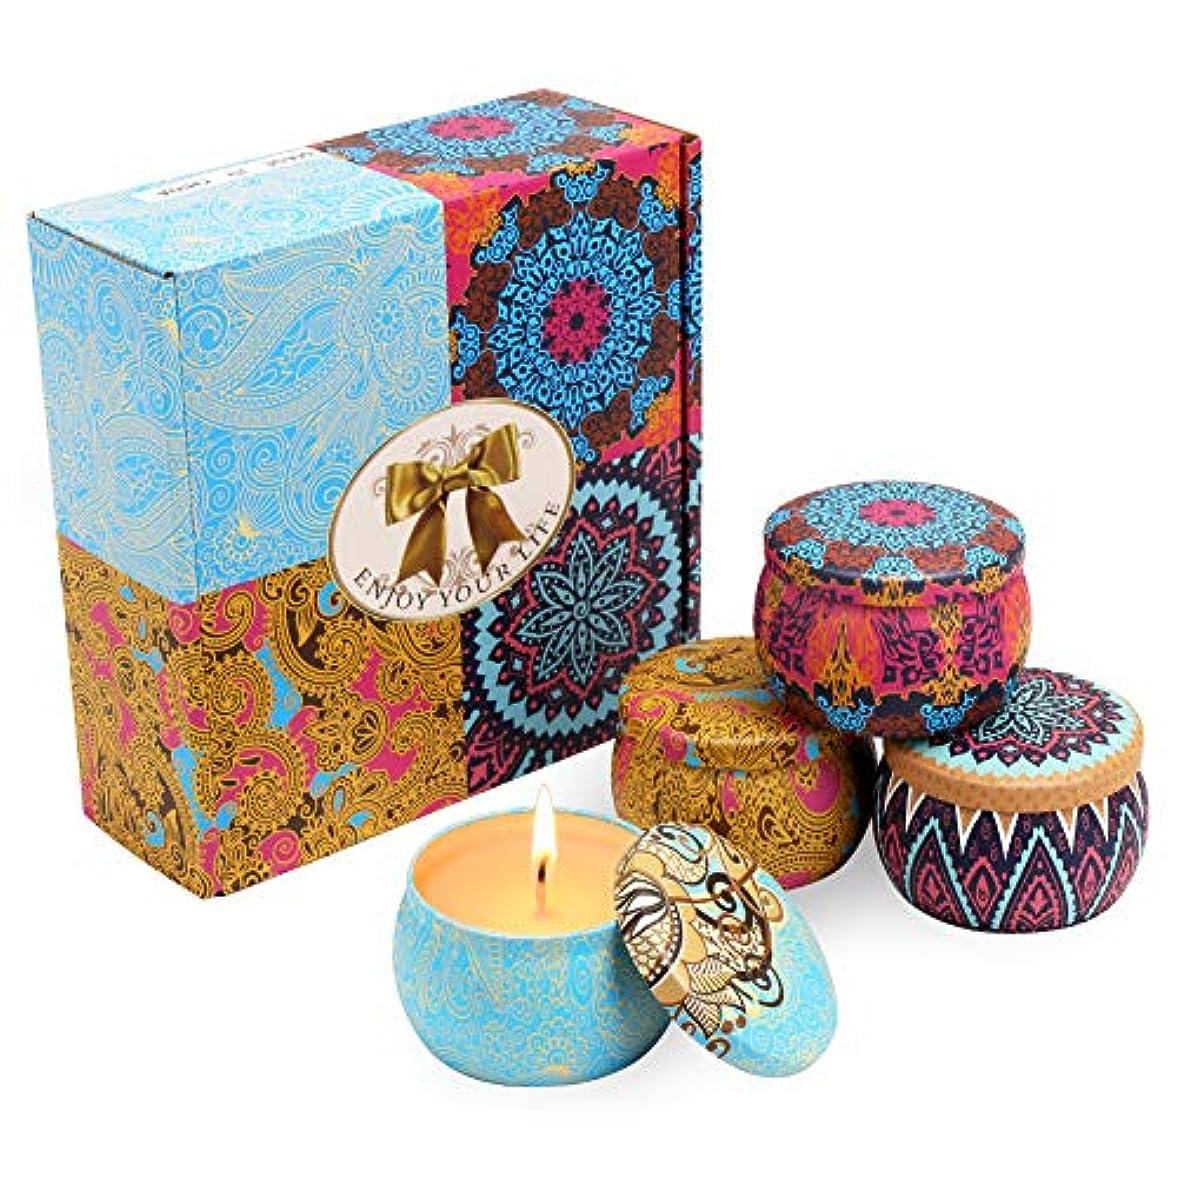 差別するシマウマ旅行アロマキャンドル MANLI ソイワックス 天然 大豆ワックス 4つ香り 果物の香り 4個セット キャンドル アロマテラピー ロウソク バレンタインデー プレゼント ロマンチック 結婚式 誕生日(四セット)